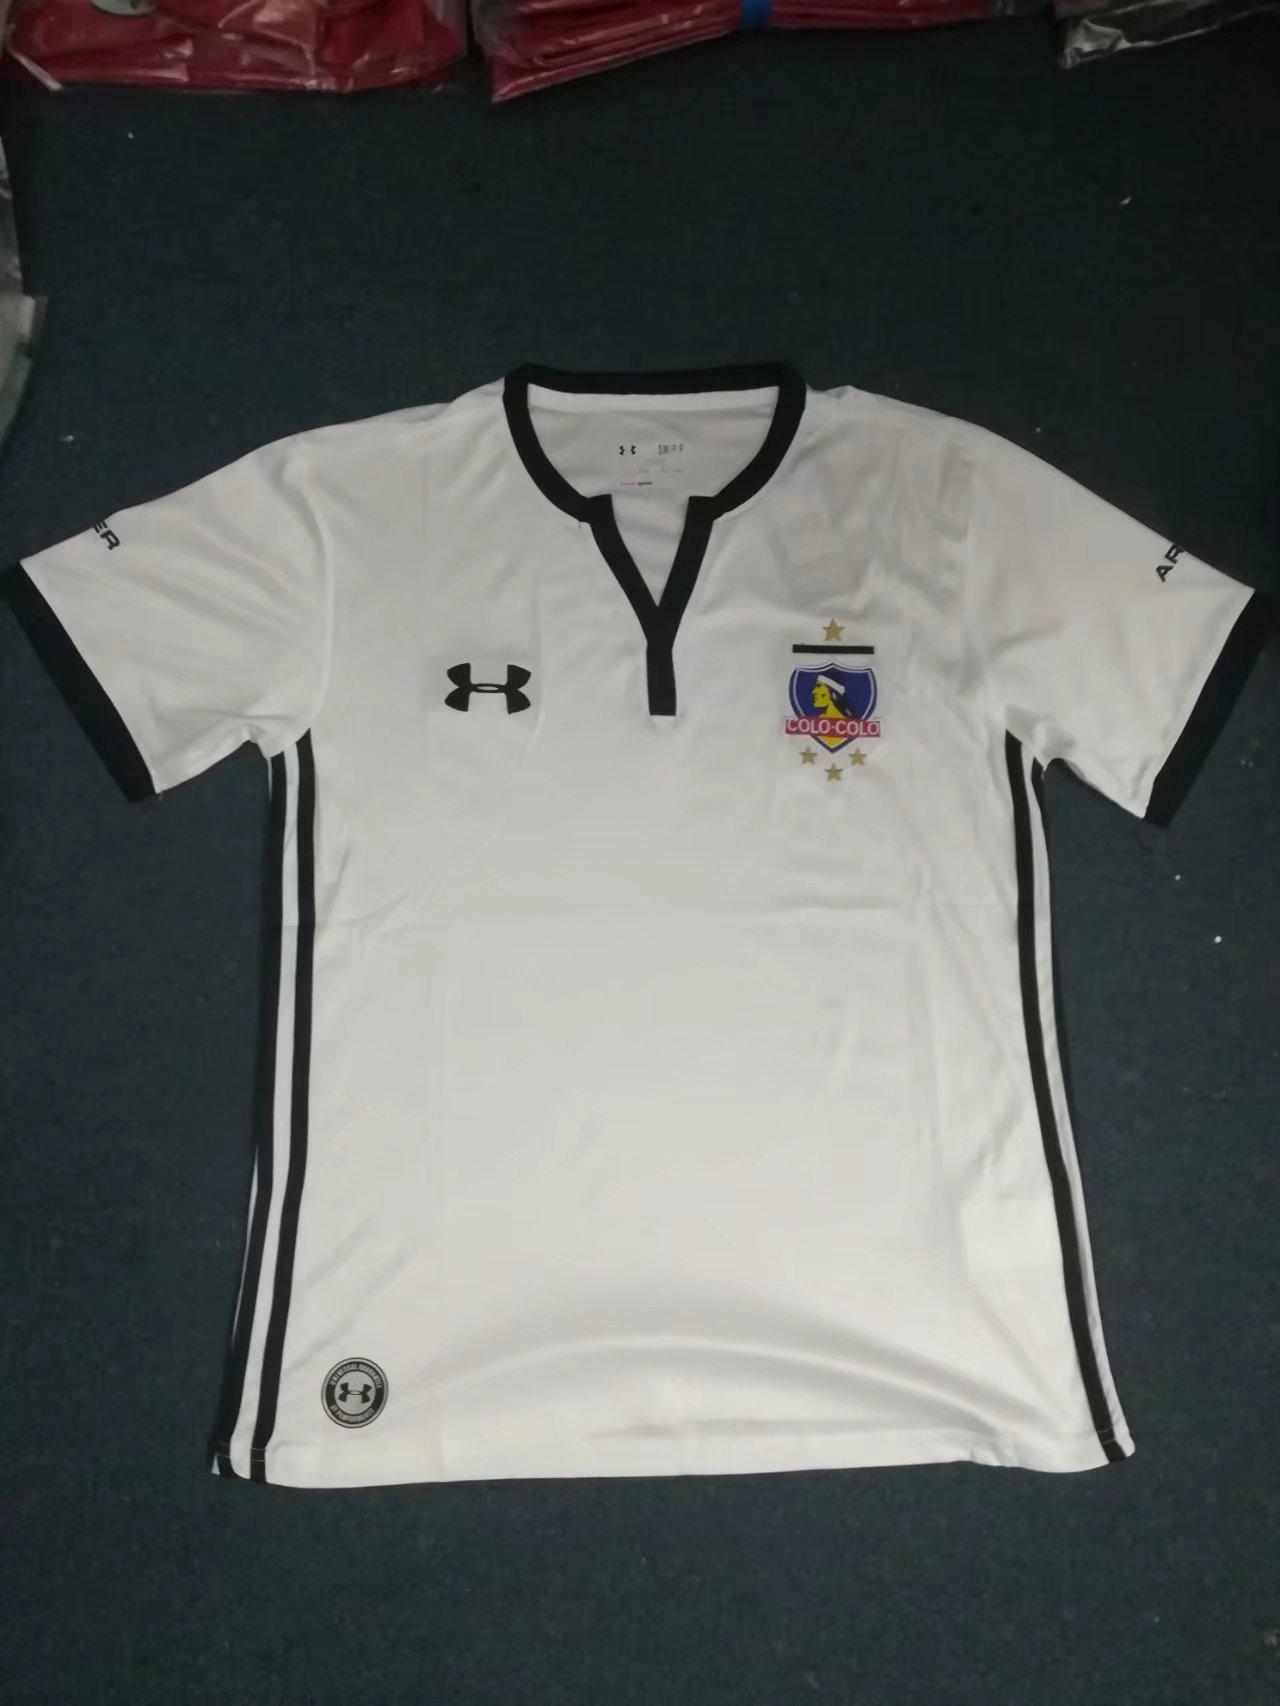 meet e83aa d49bb Colo Colo : GoGoalShop, Buy Cheap Soccer Jersey & Replica ...